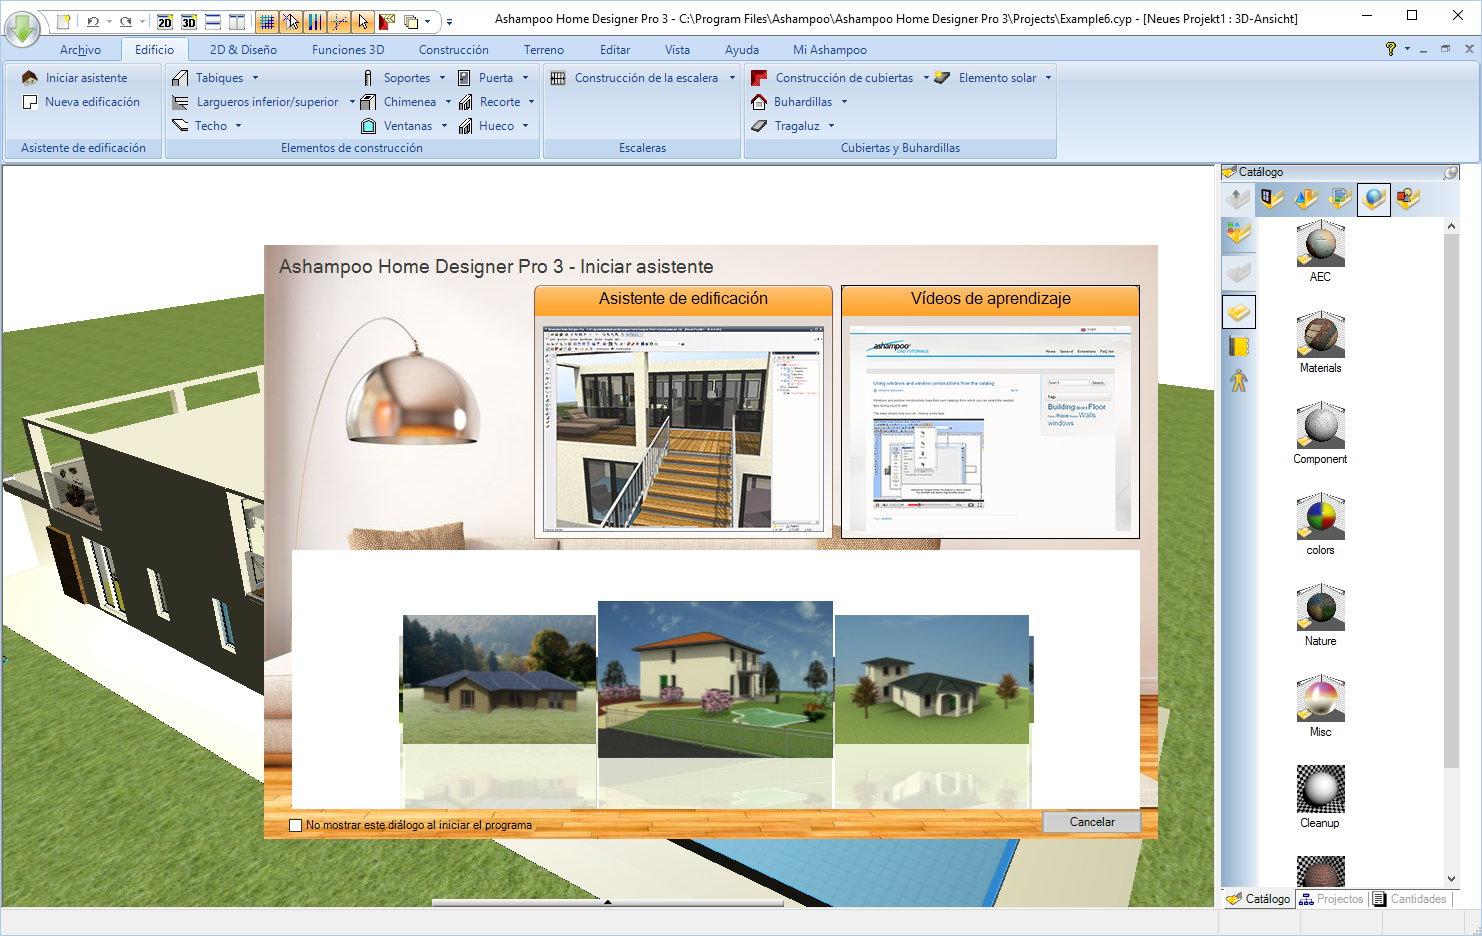 85+ Home Designer Pro Catalogs - Ashampoo Home Designer Pro Catalog ...